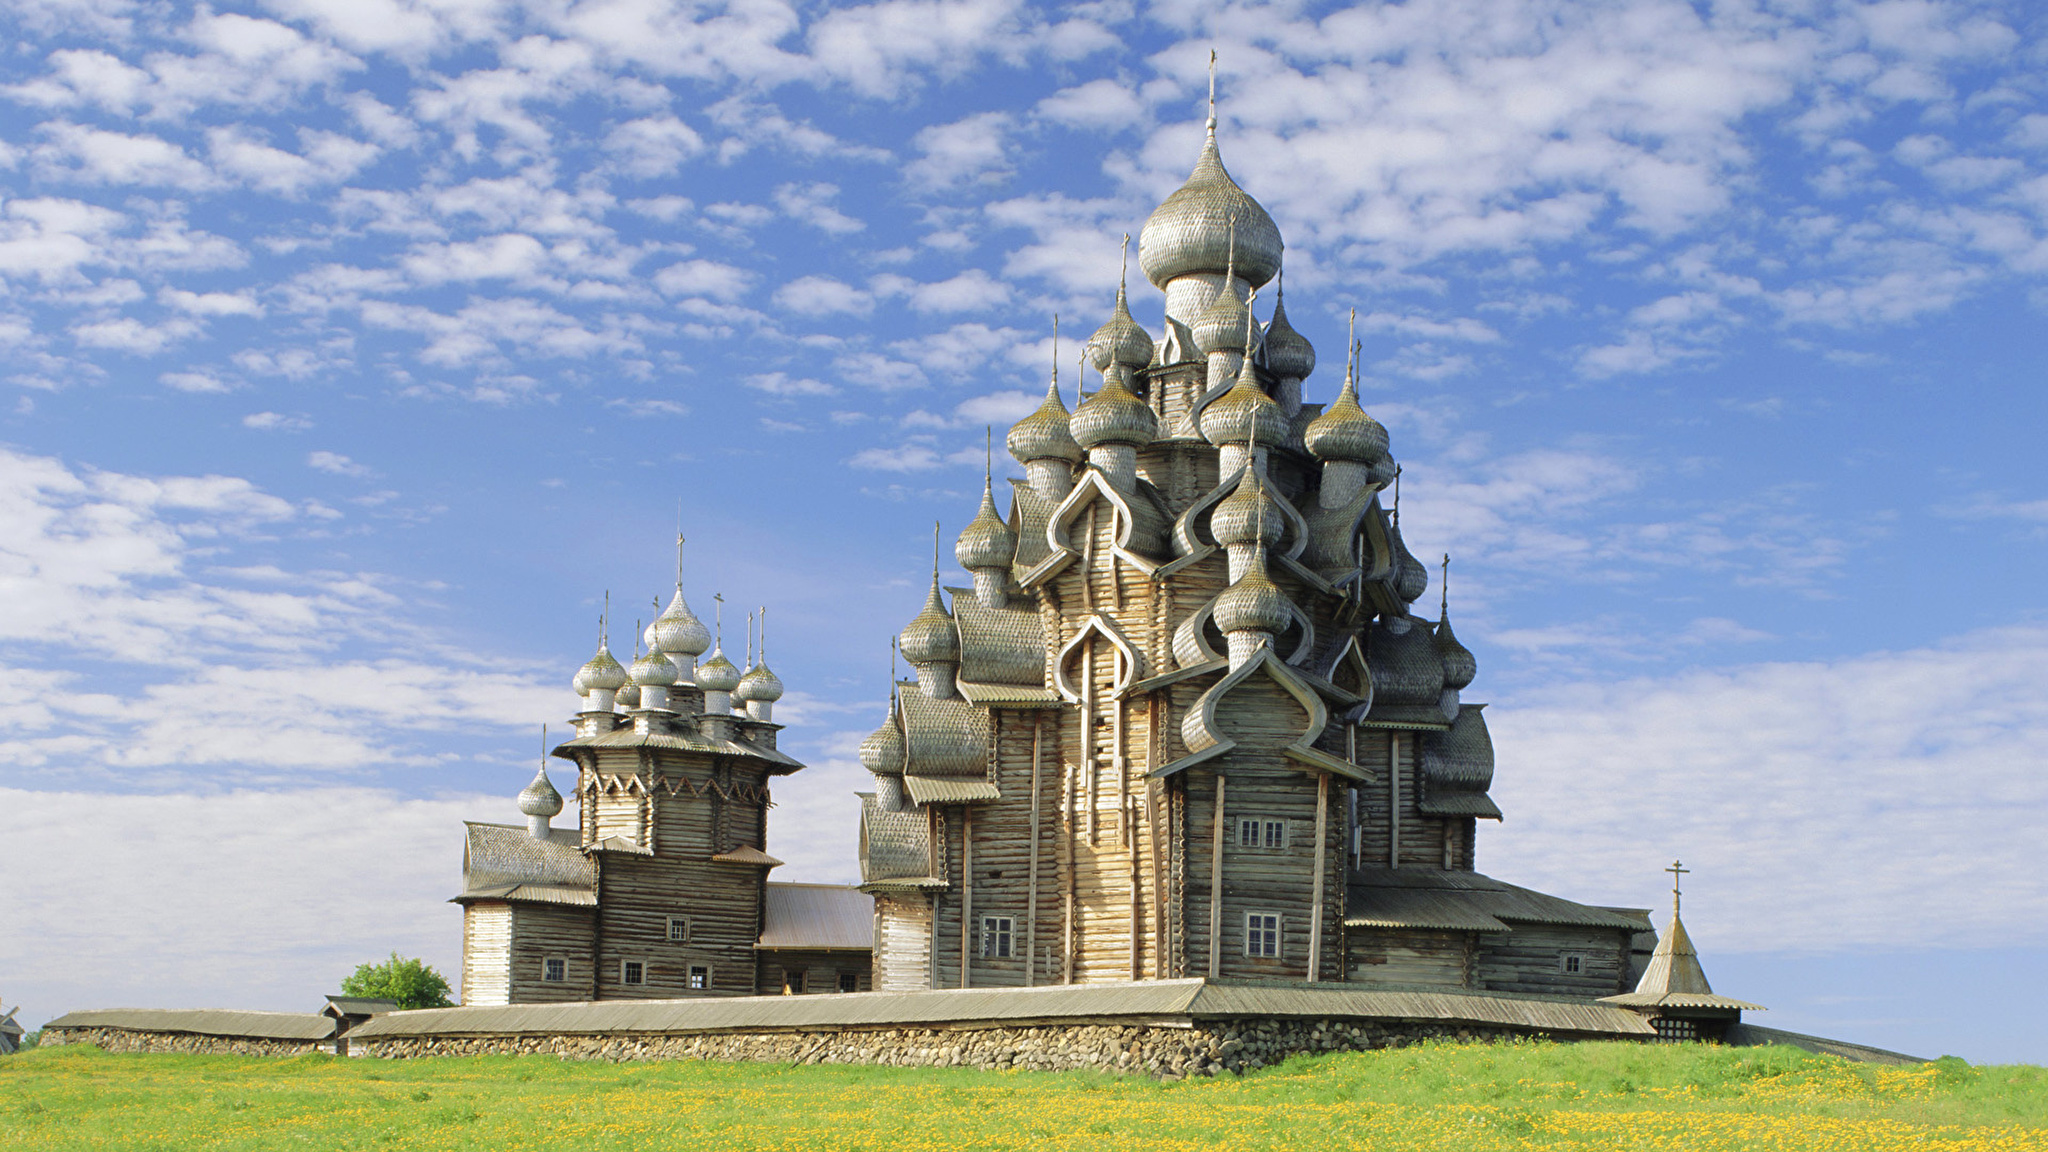 Церковь Кижи лодка Россия скачать